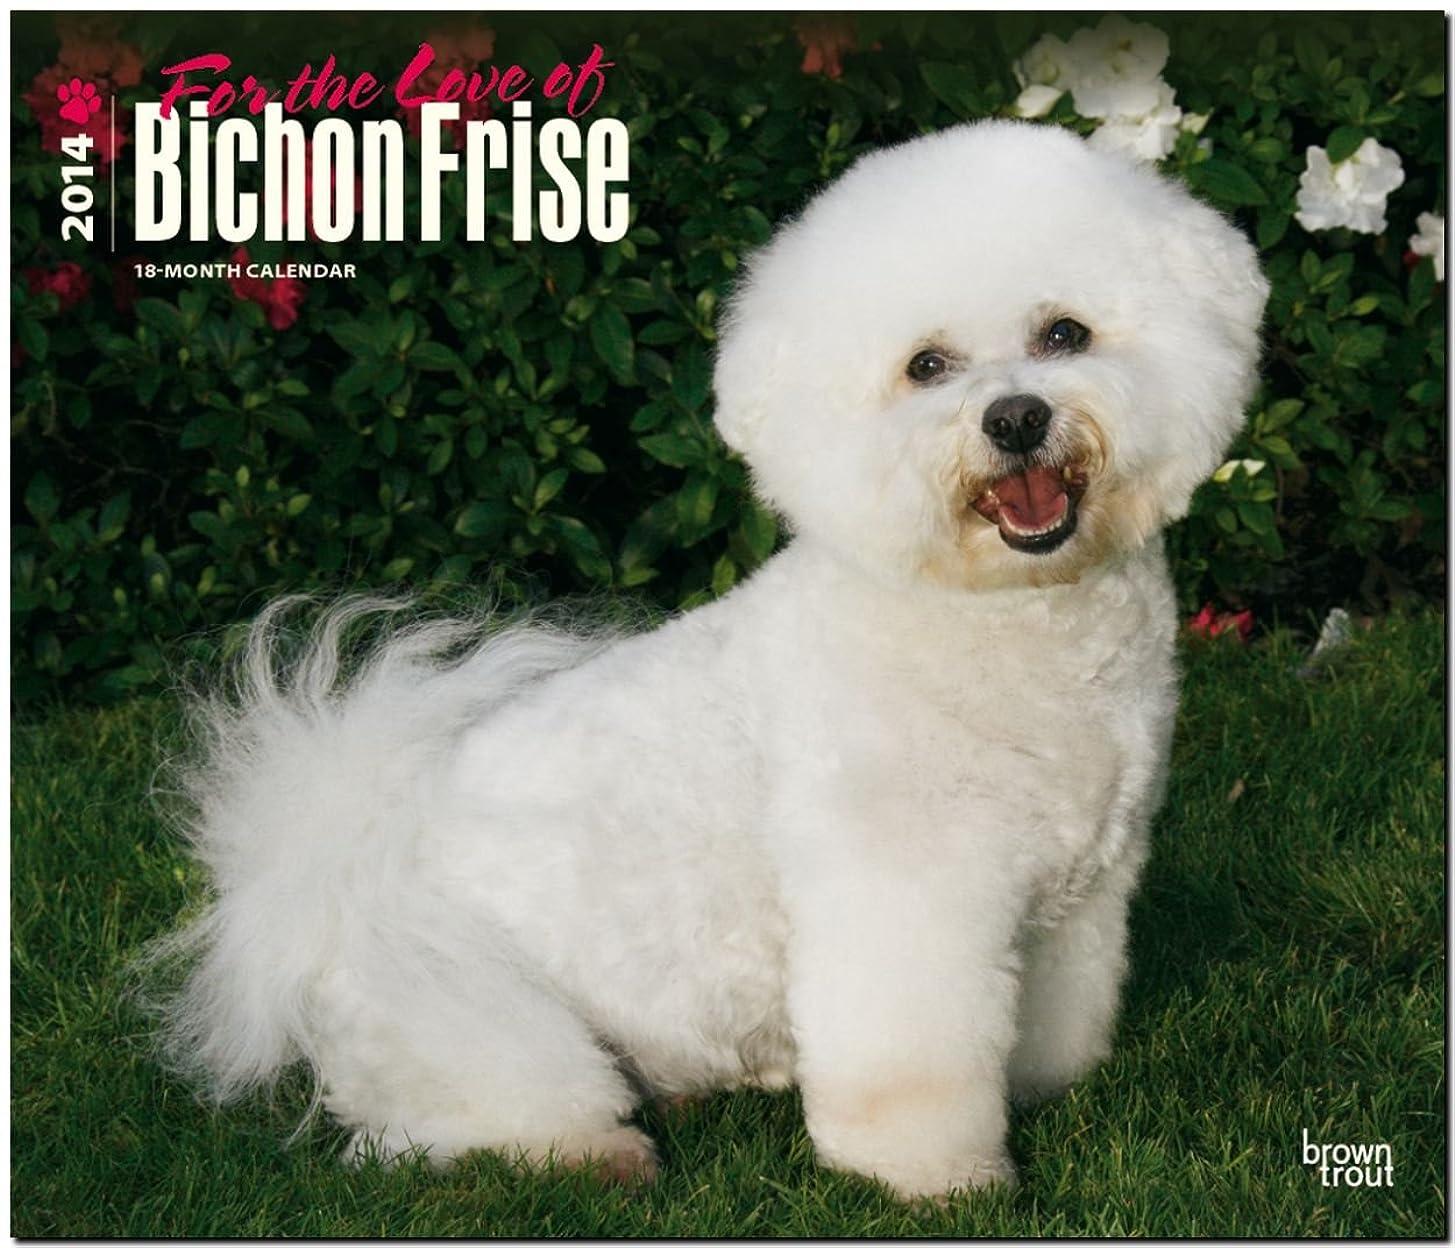 セラーエスカレーターに頼るFor the Love of Bichon Frise 2014 Calendar 18-Month